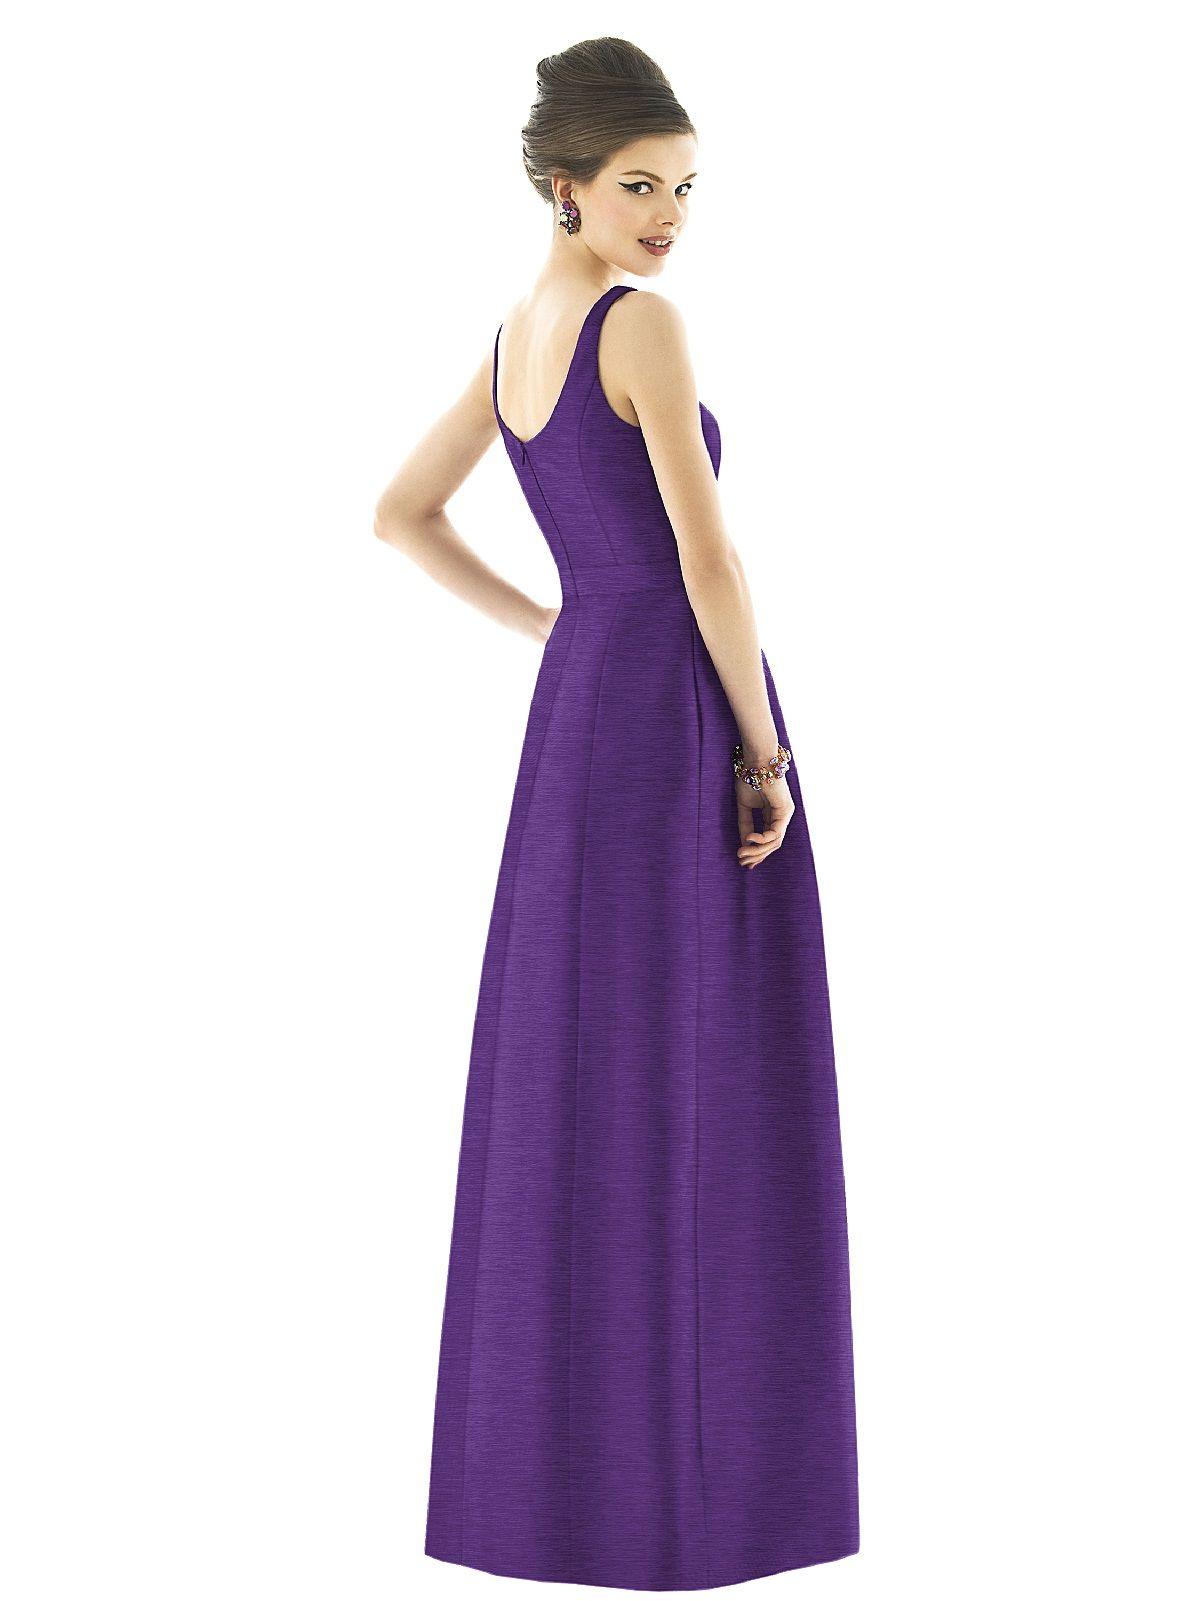 Excepcional La Señorita Vestidos De Fiesta Selfridge Blusas ...